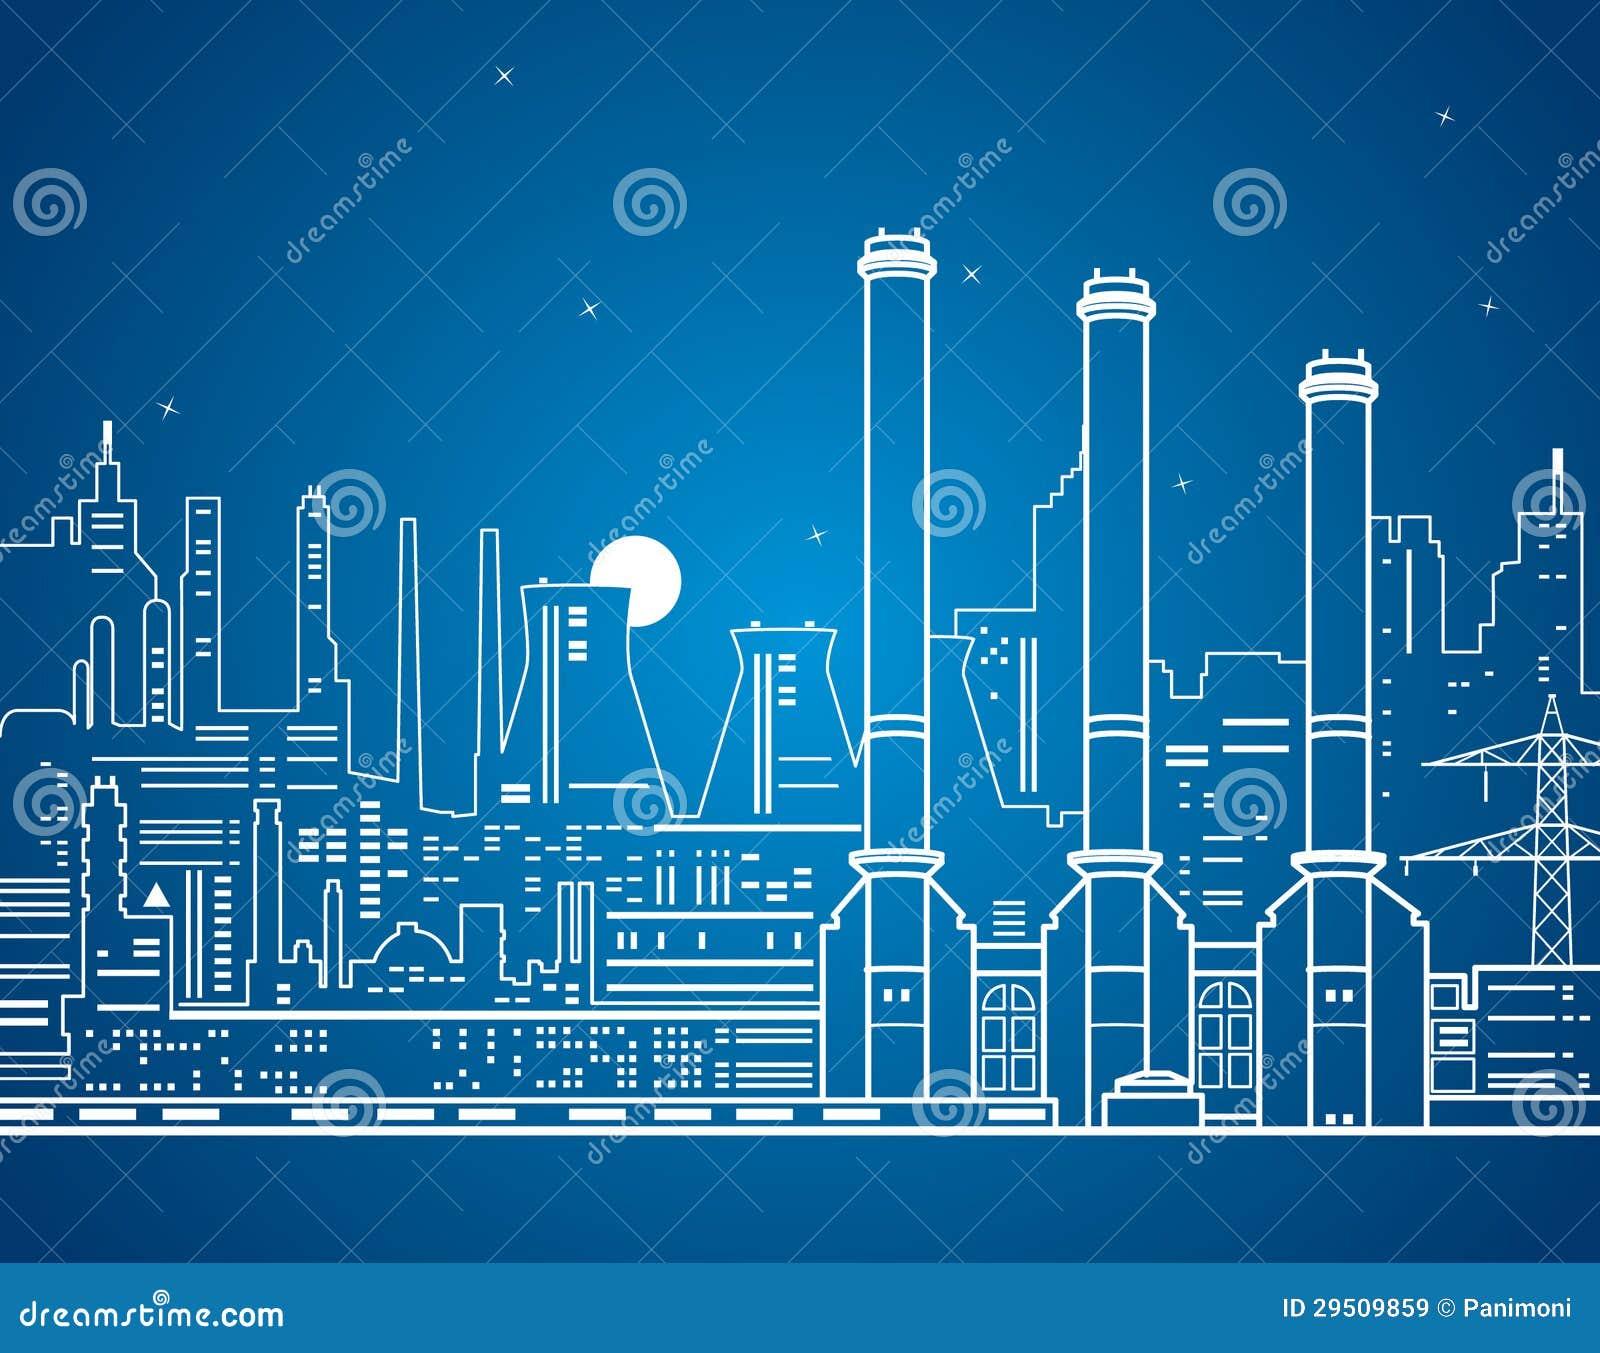 Vectorlijnenelektrische centrale op het water, industrieel ontwerp